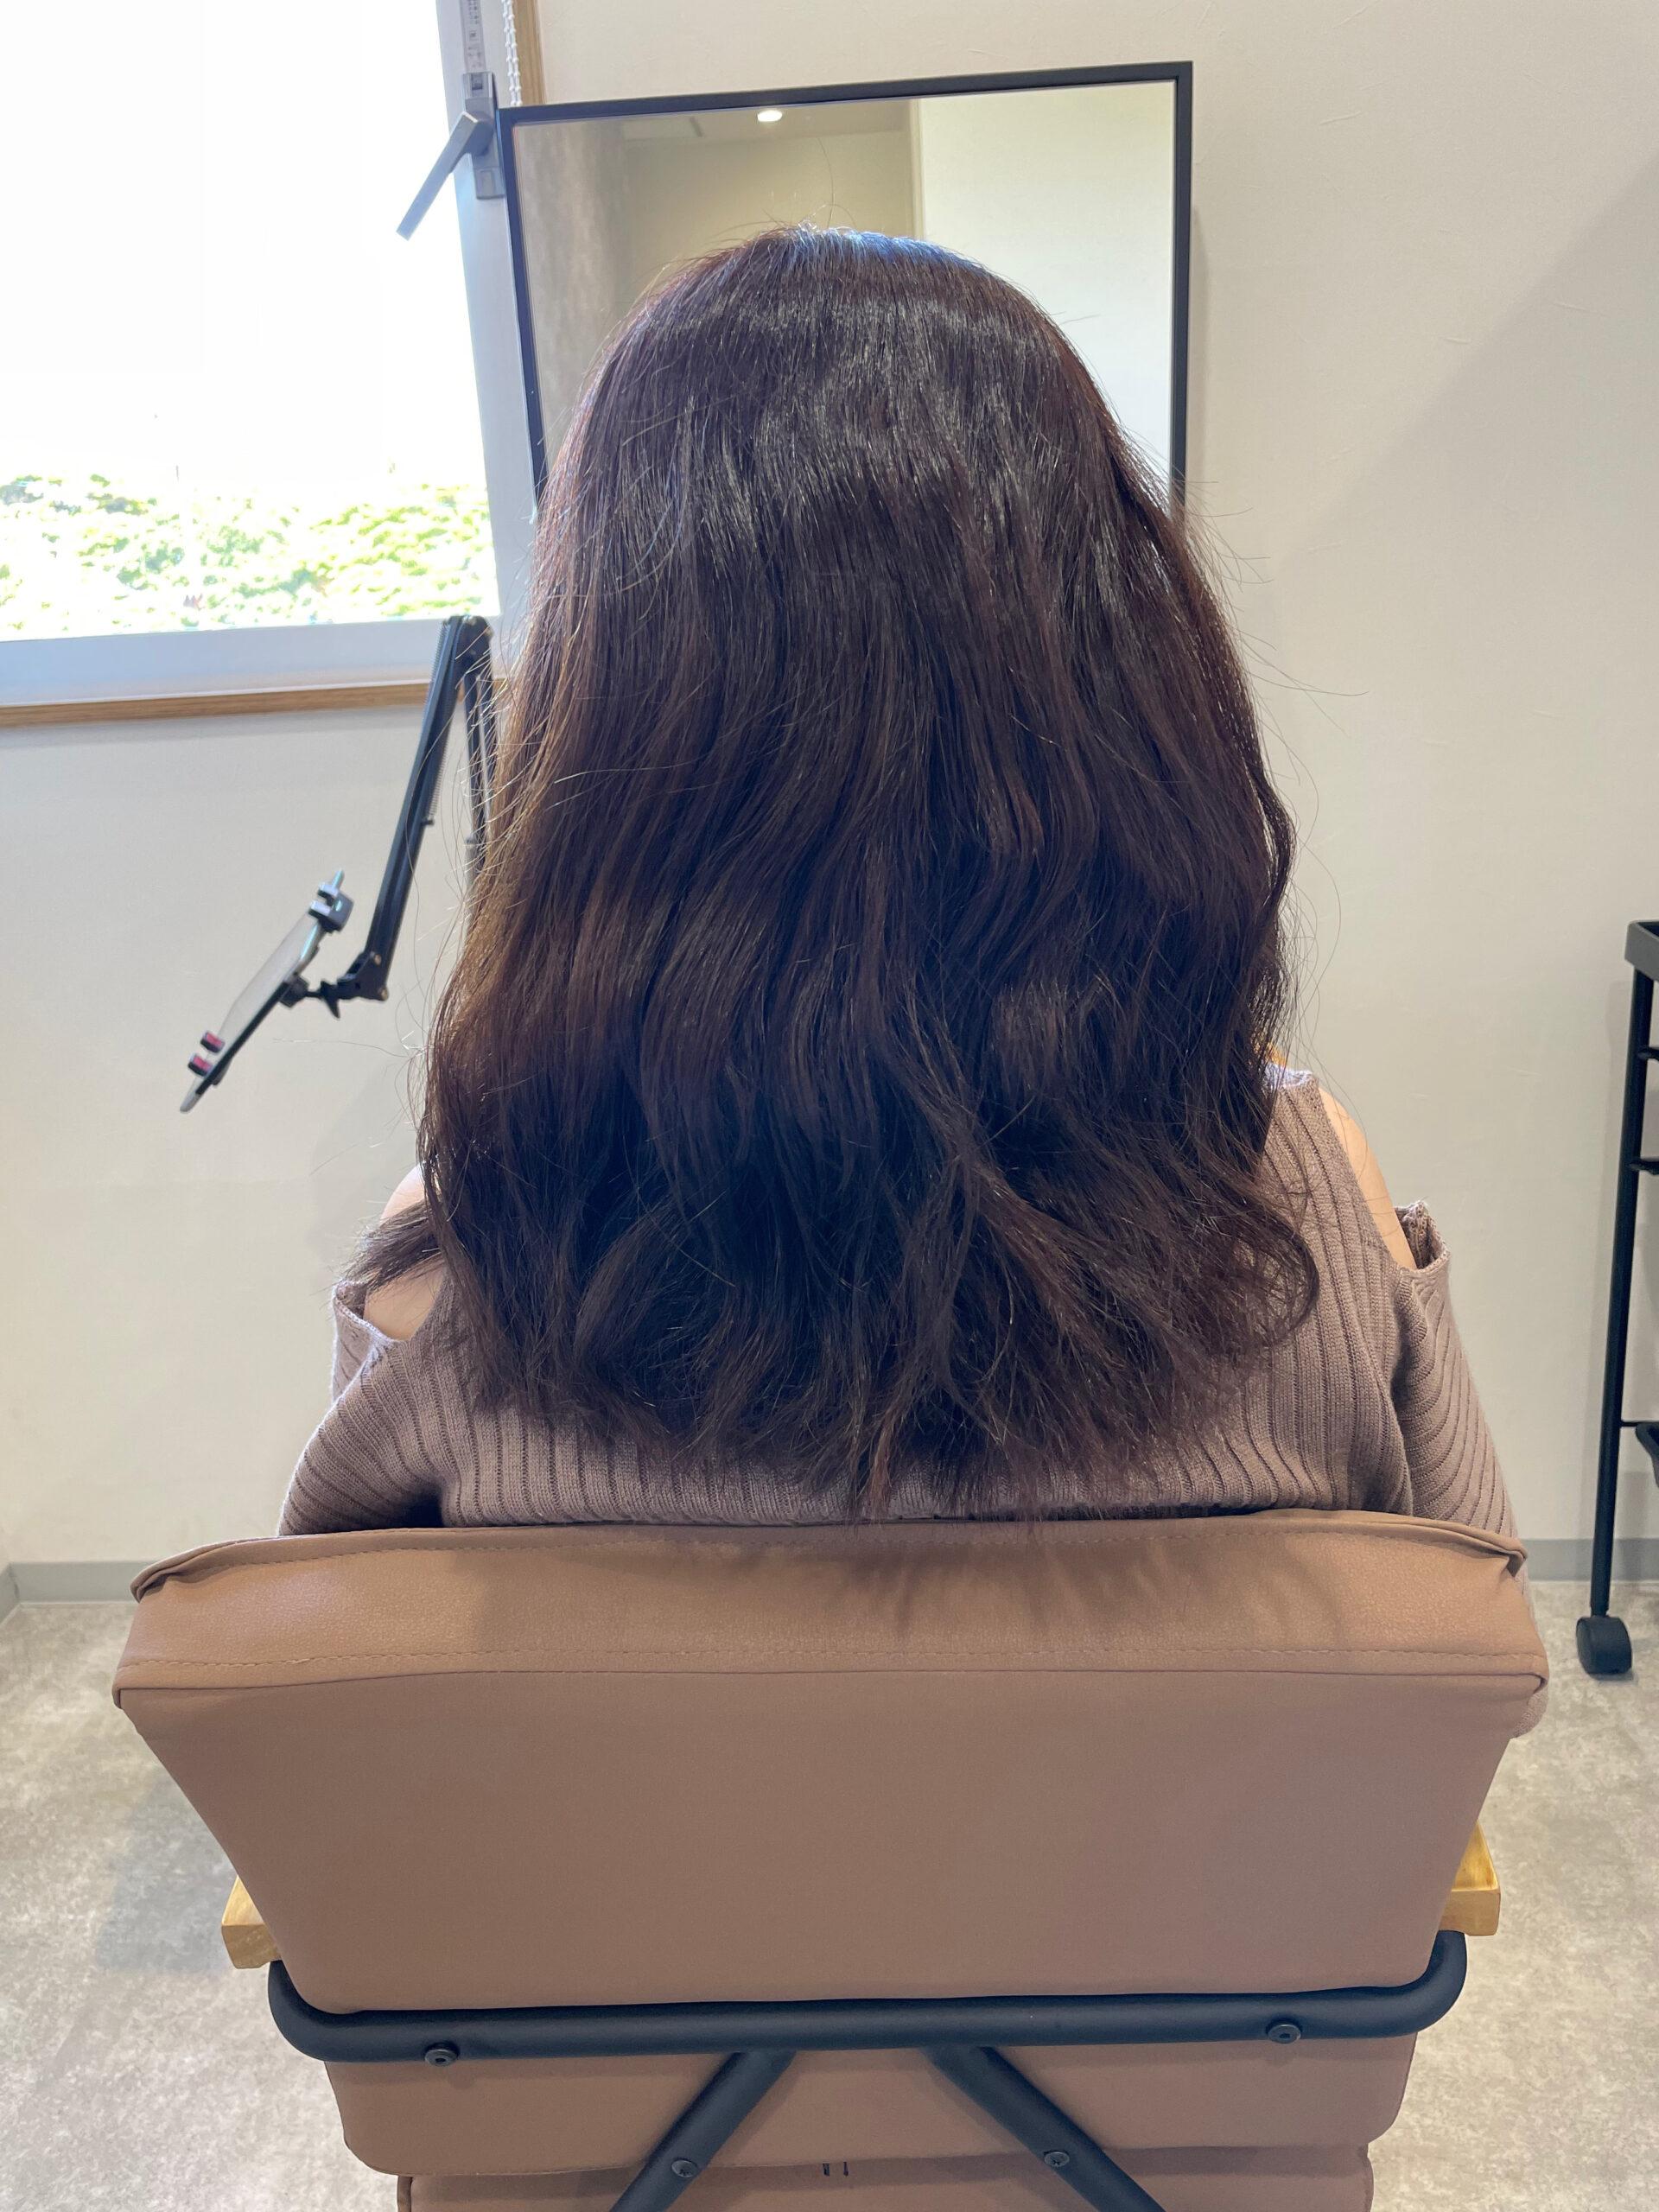 大分県別府市 髪質改善の縮毛矯正でピカピカ、サラサラのストレートヘア ビフォー